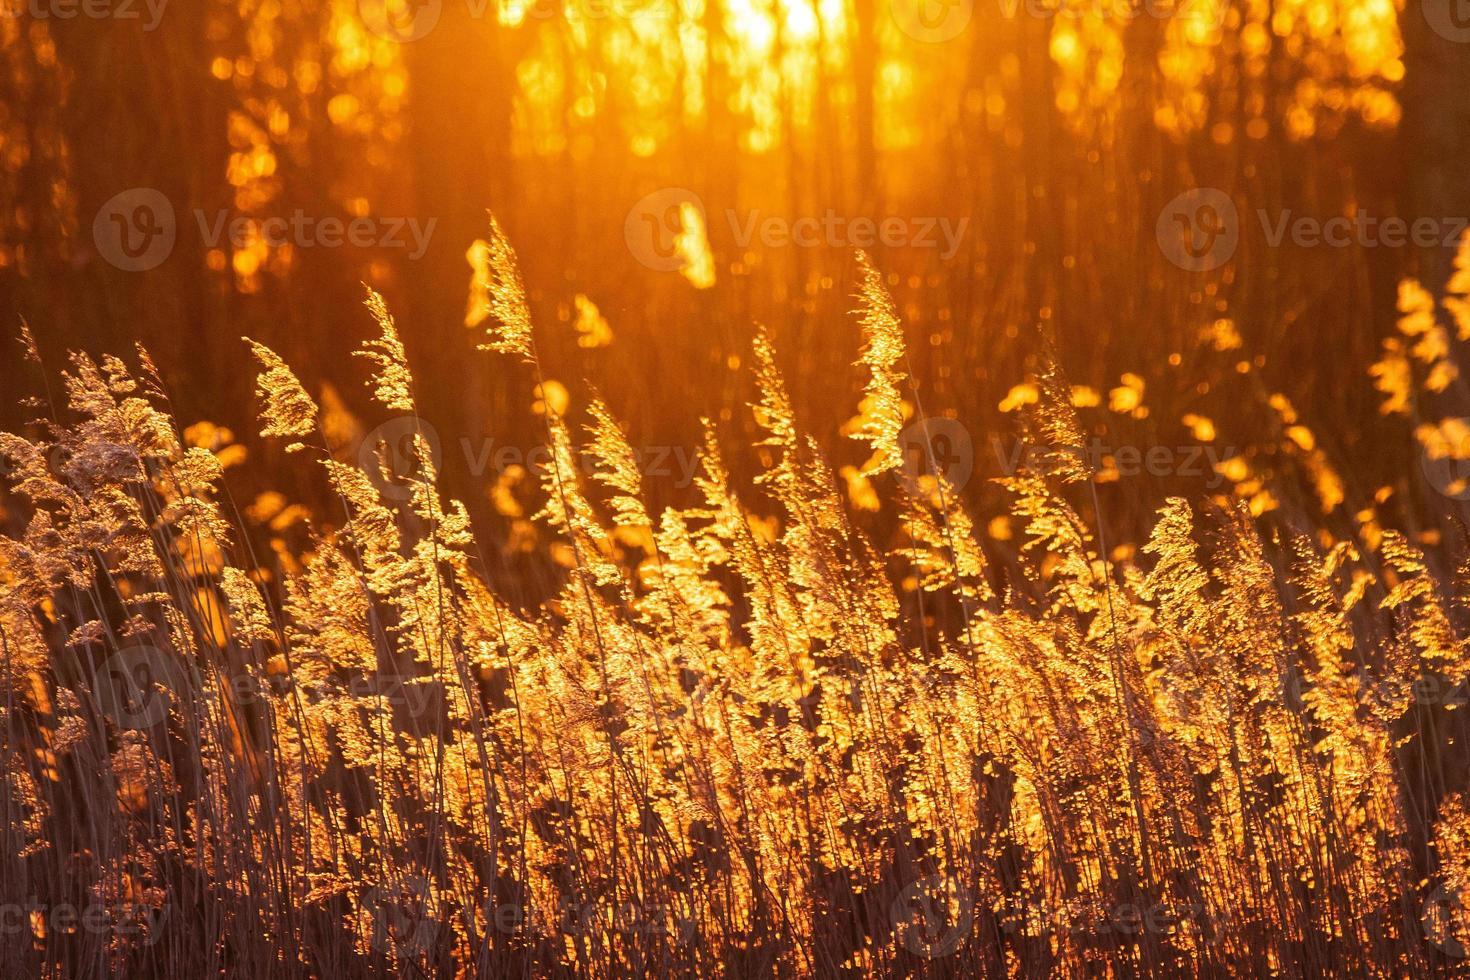 Sunset reed photo